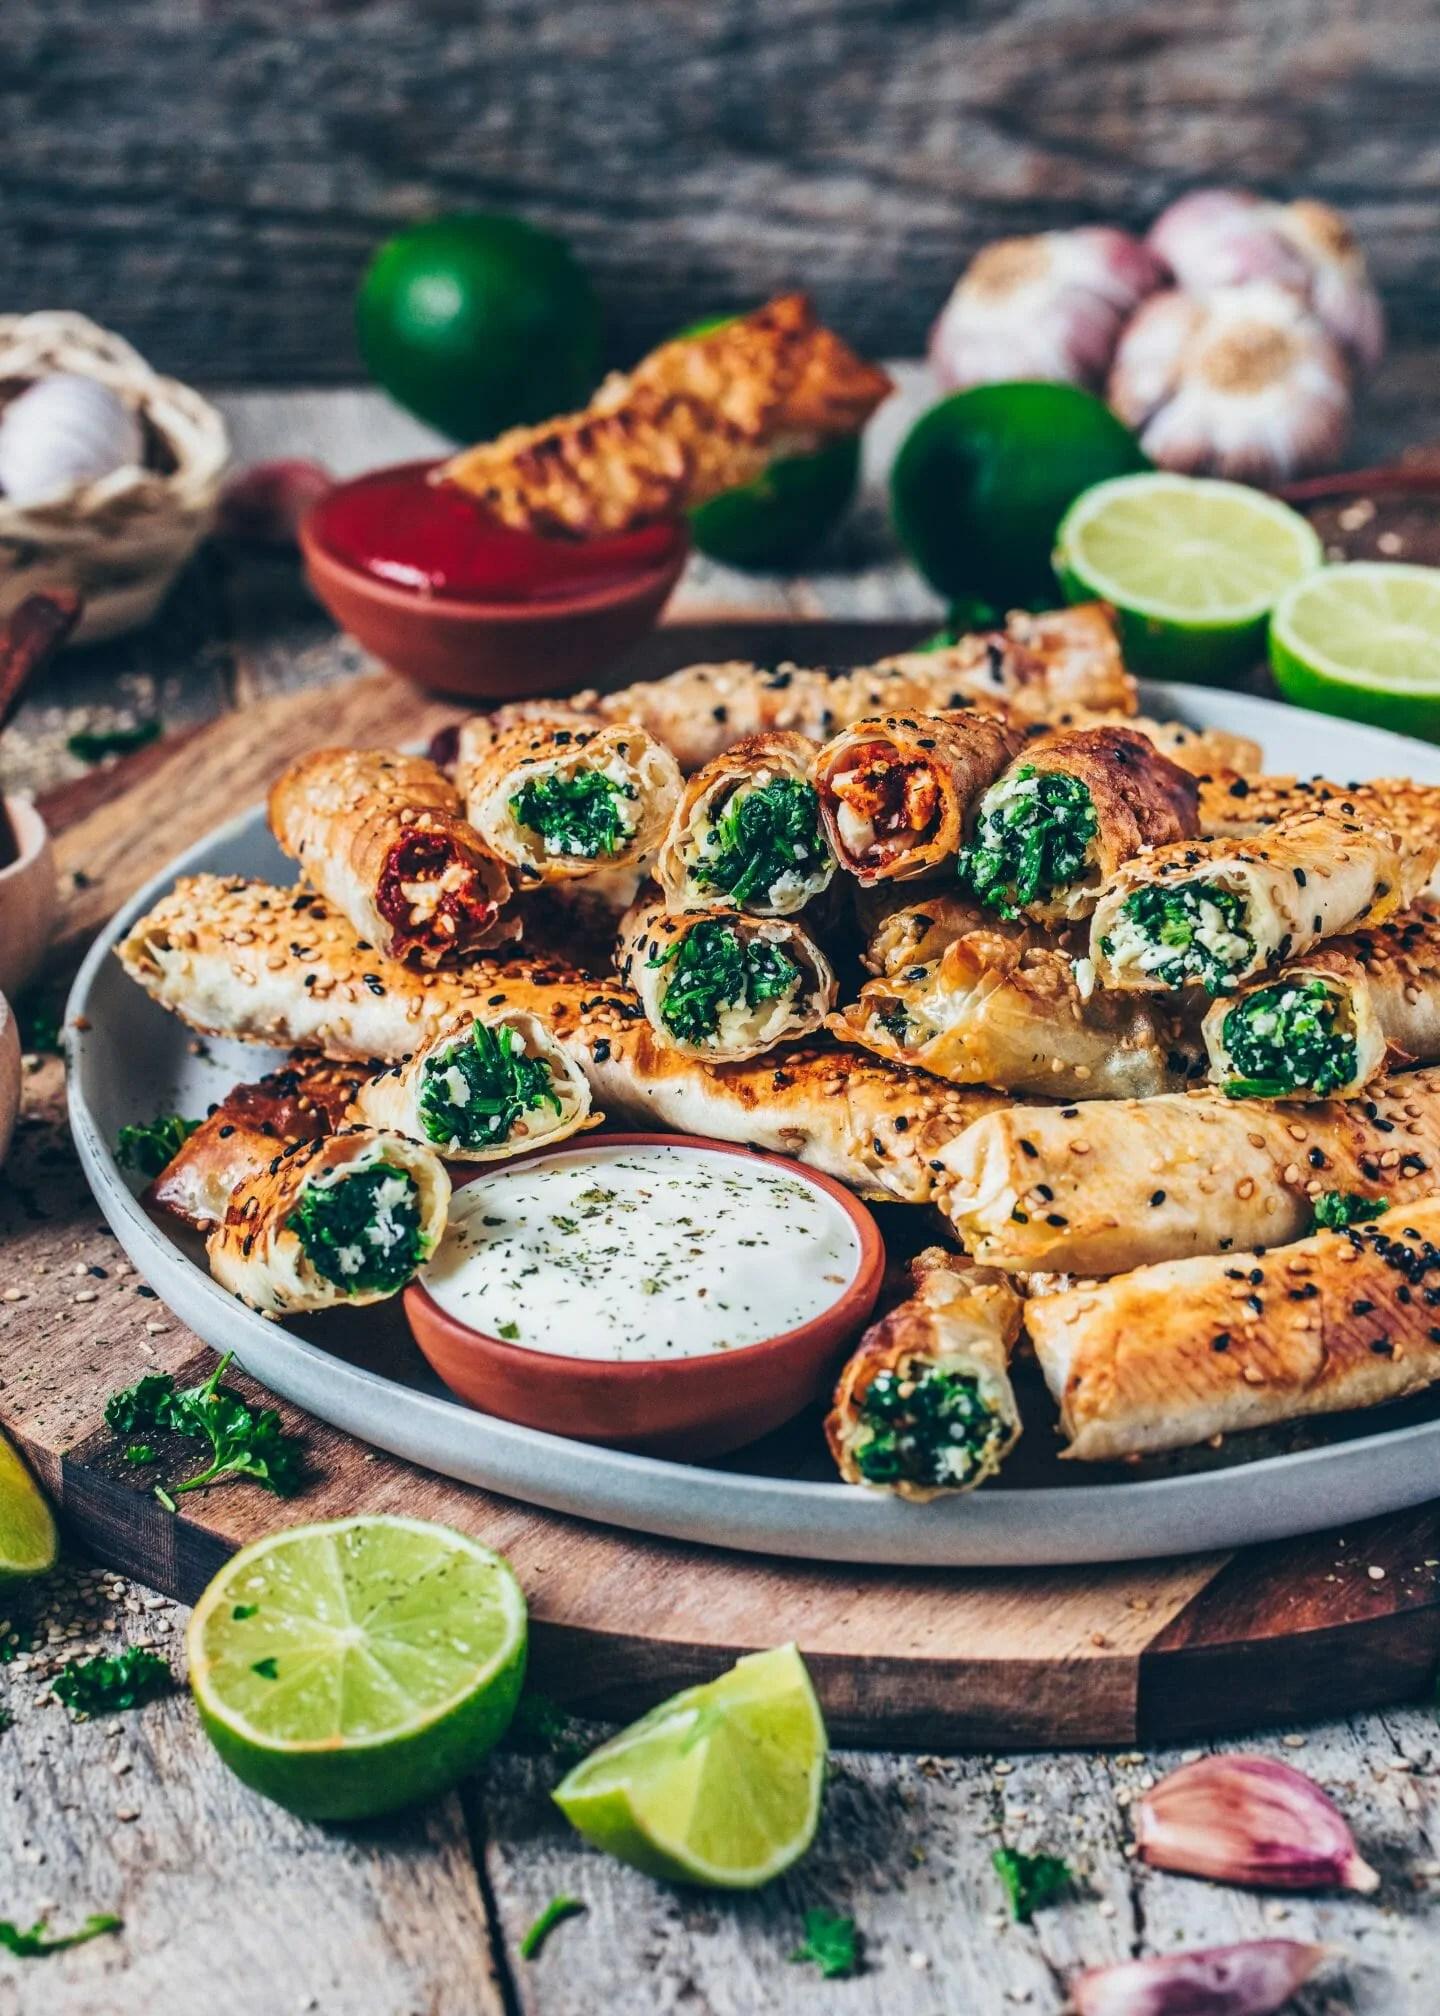 Türkische Küche Rezepte Vegetarisch | Börek Rollen Mit Feta Und Spinat